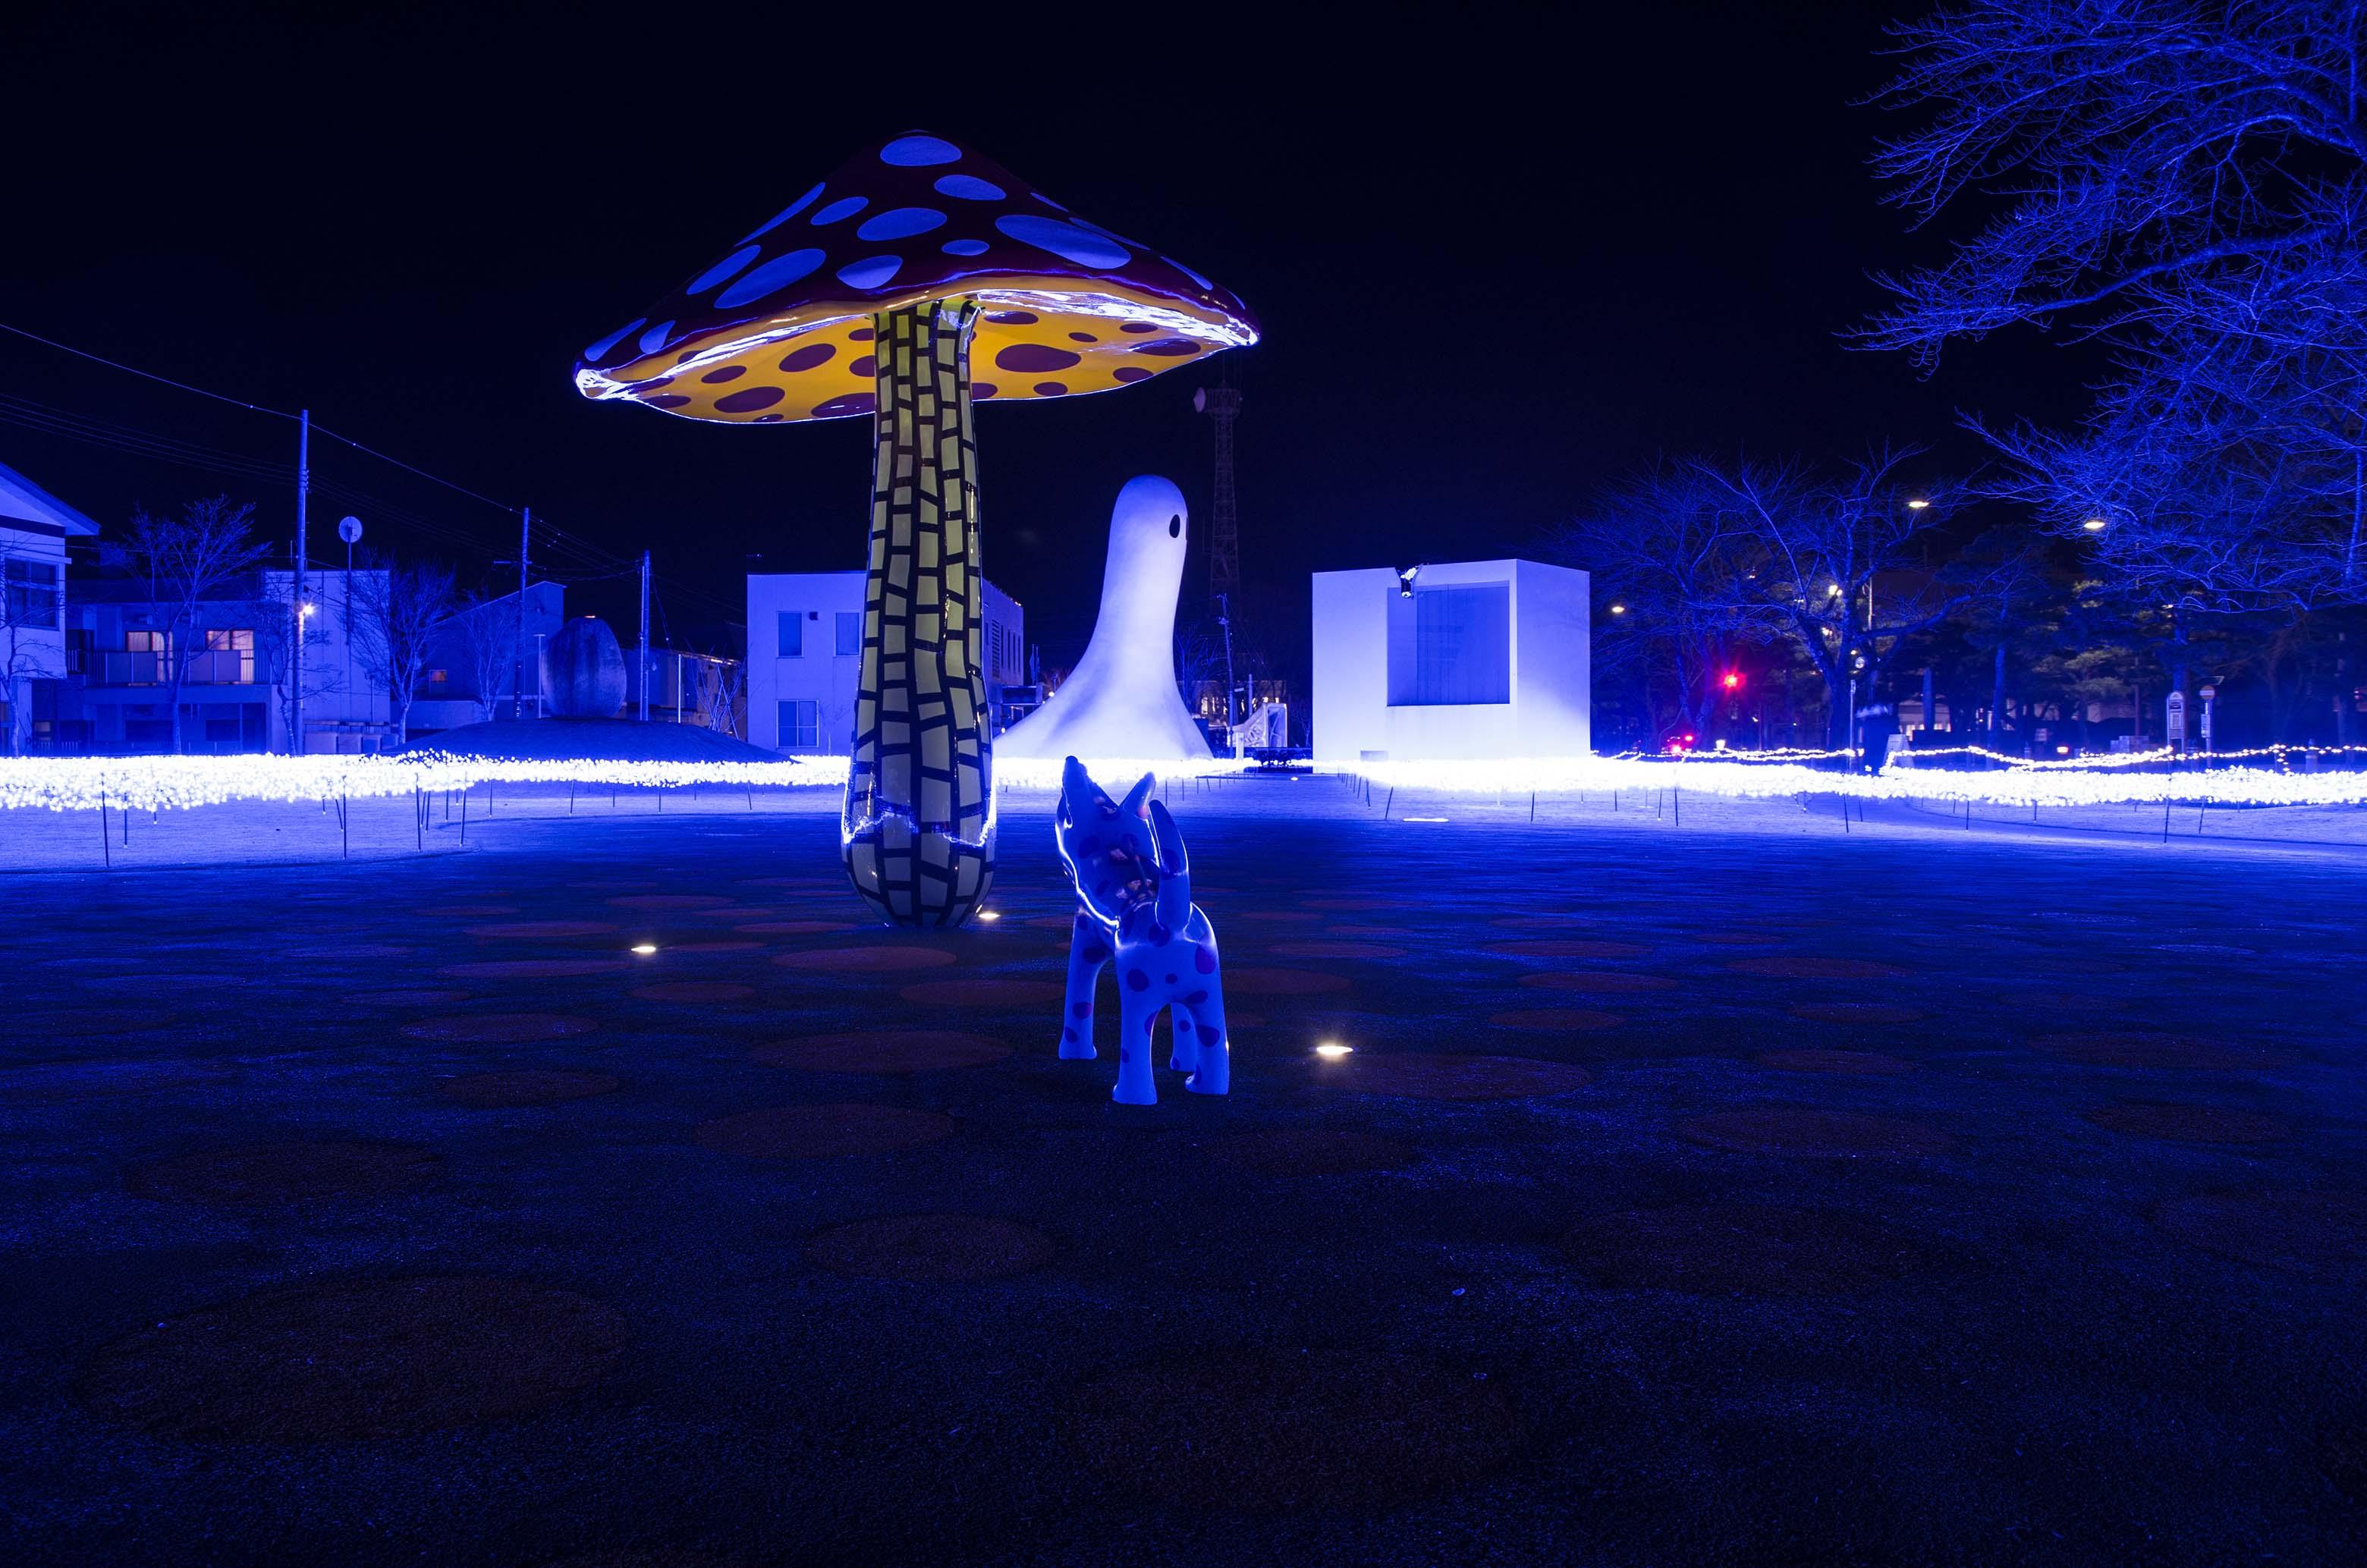 """アーツ・トワダ ウィンターイルミネーション2018【Arts Towada Winter Illumination2018】 """"アートと光のコラボレーション"""""""